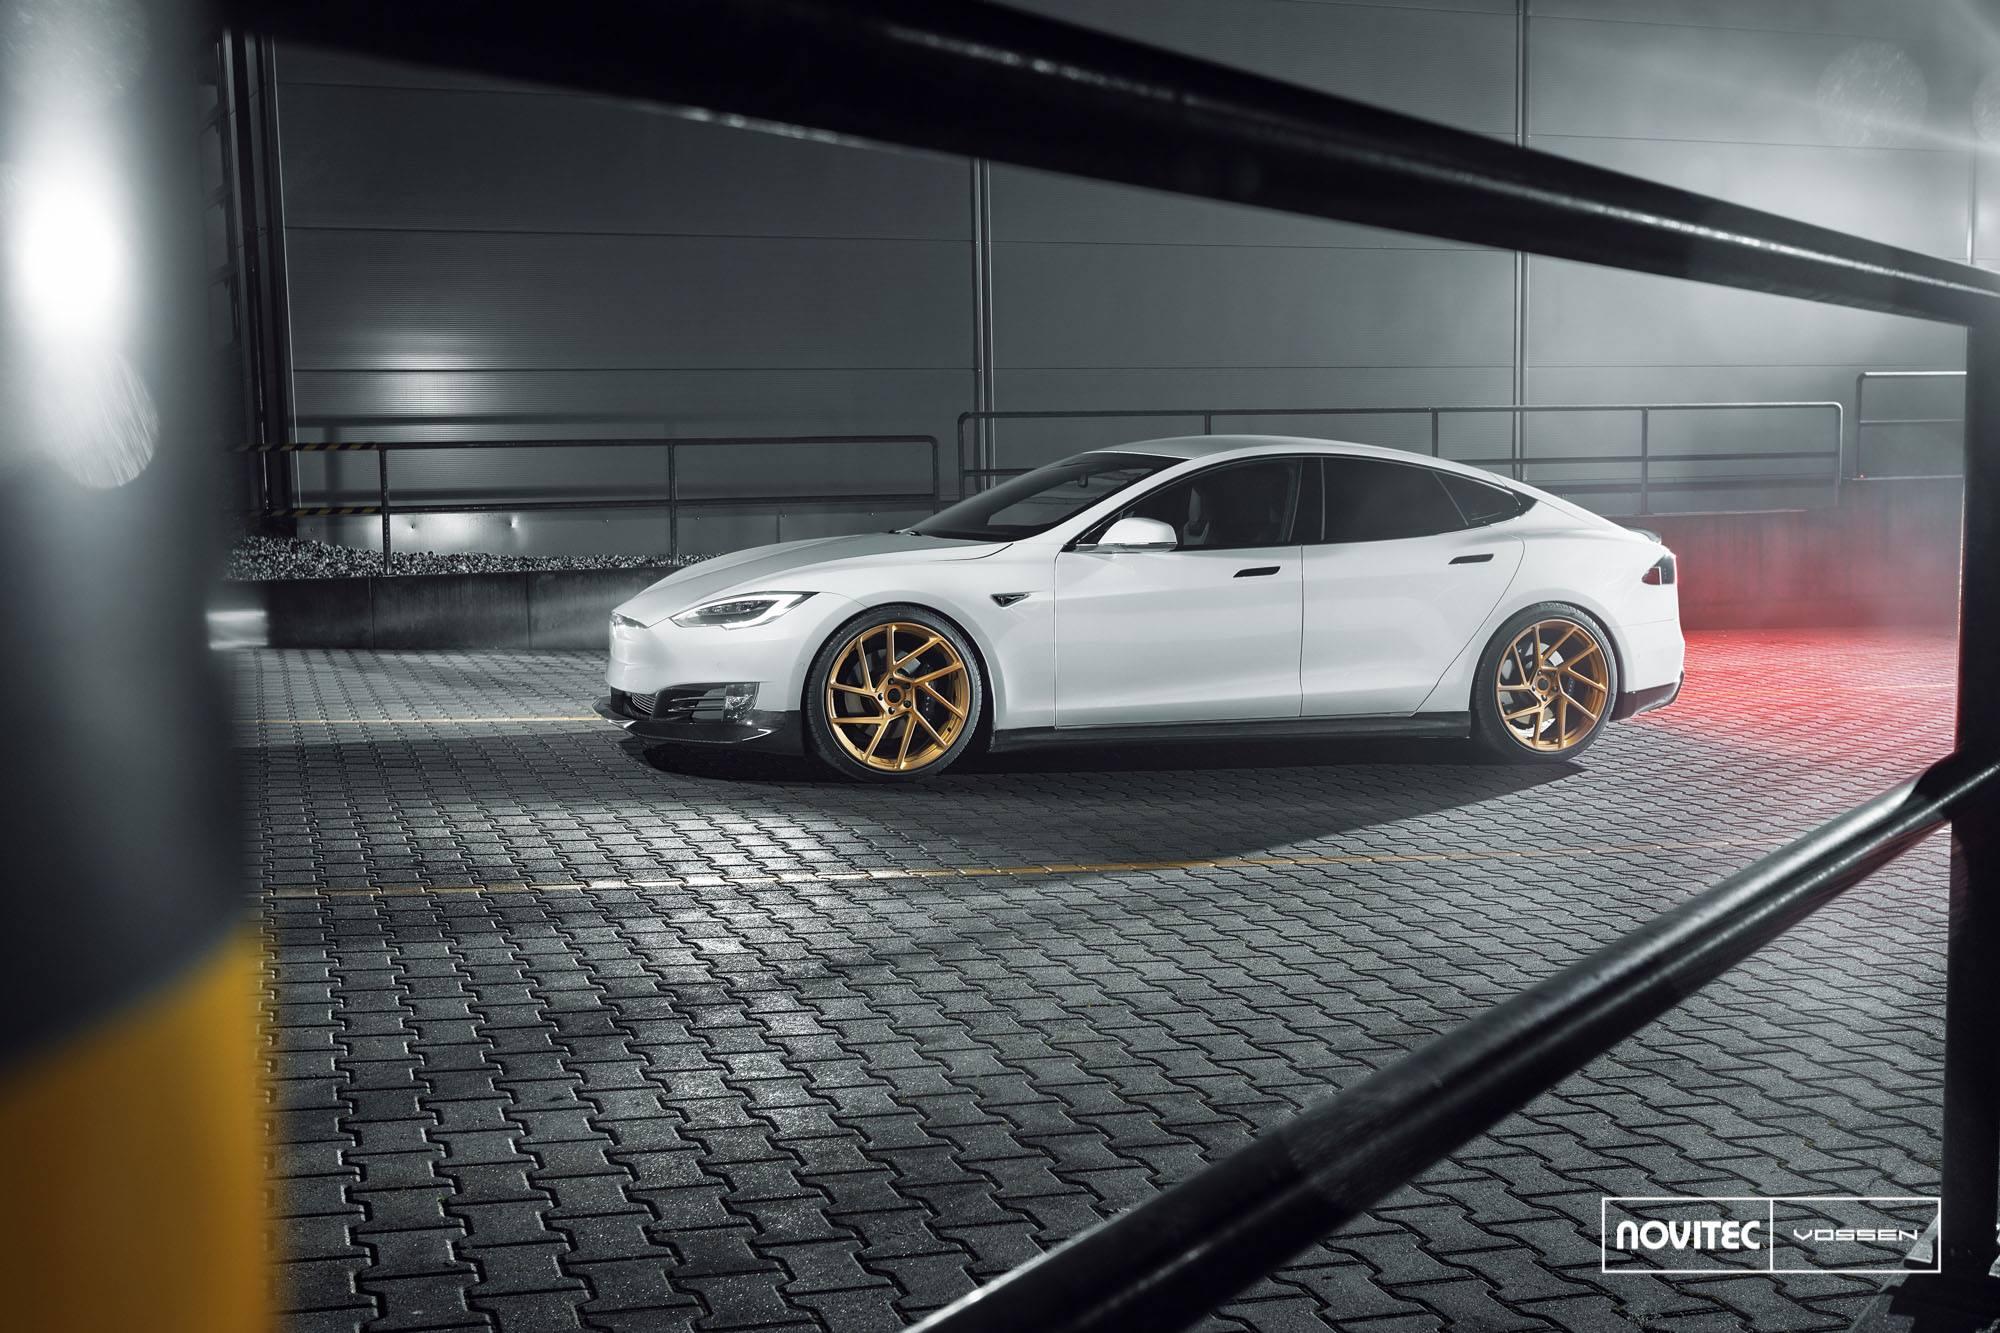 Tesla Cuts Model S Price By $3,000, Model X By $2,000